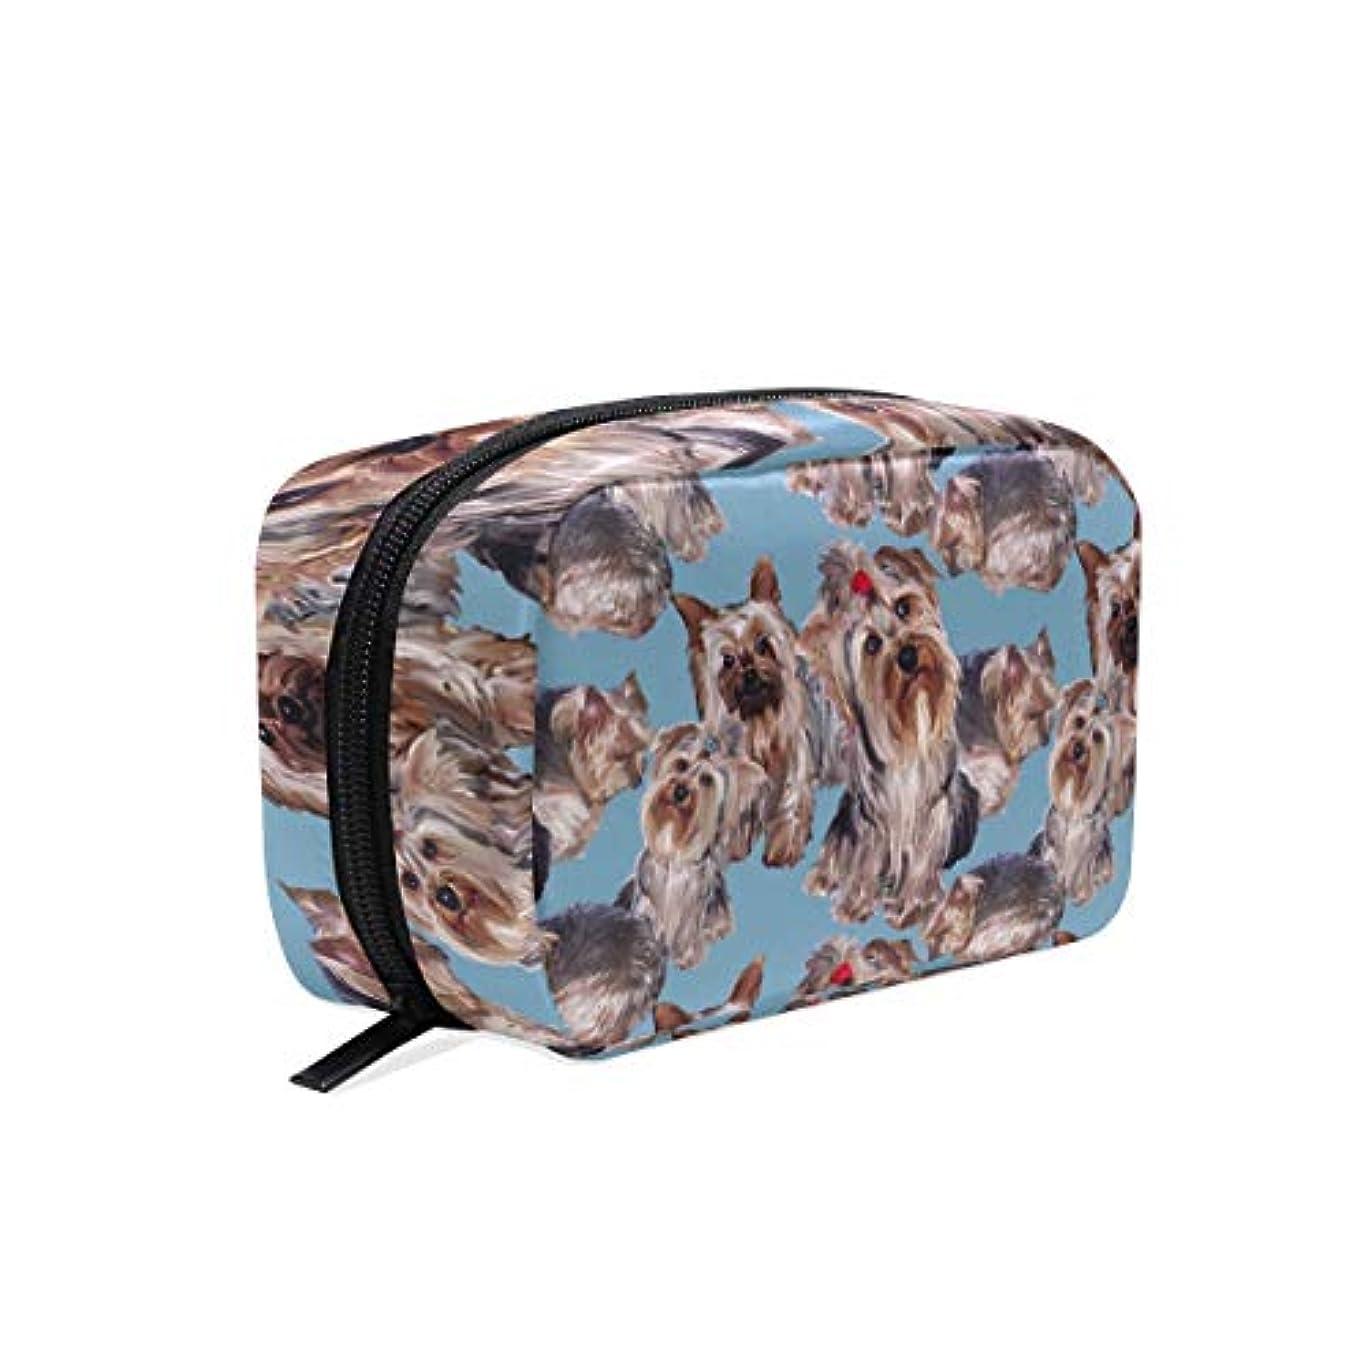 マーキングダンプ線ヨーキー 犬 美容製品 化粧品のバッグ 女性 洗顔料 スキンケア 電子製品 アクセサリー ポータブル 整理バッグ用女の子 Yorkies On Blue Skinny